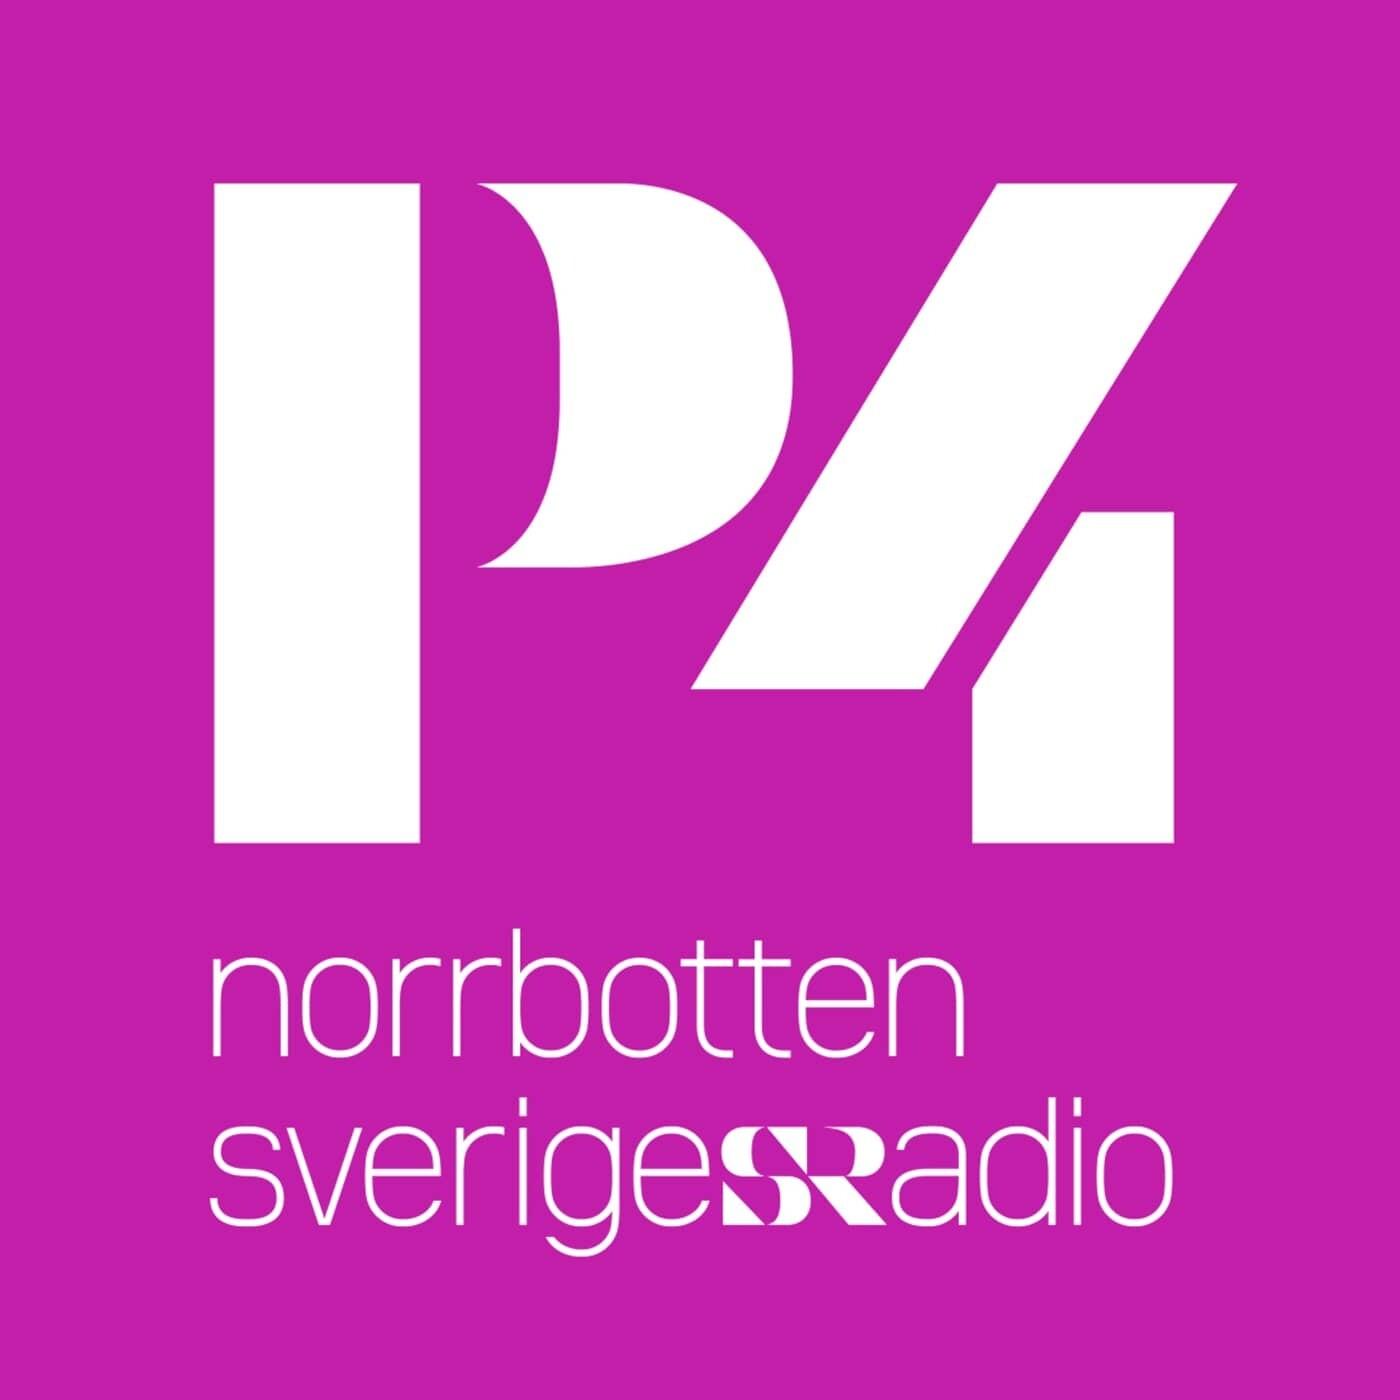 Norrbottensnytt 2020-10-20 kl. 17.05